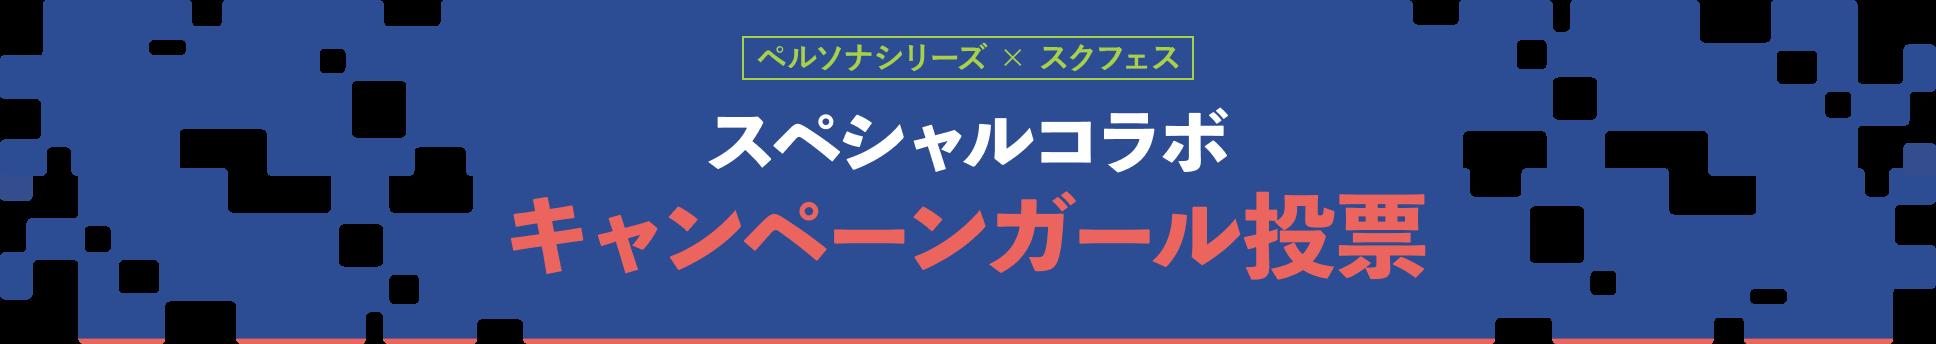 ペルソナシリーズ × スクフェス スペシャルコラボキャンペーンガール投票